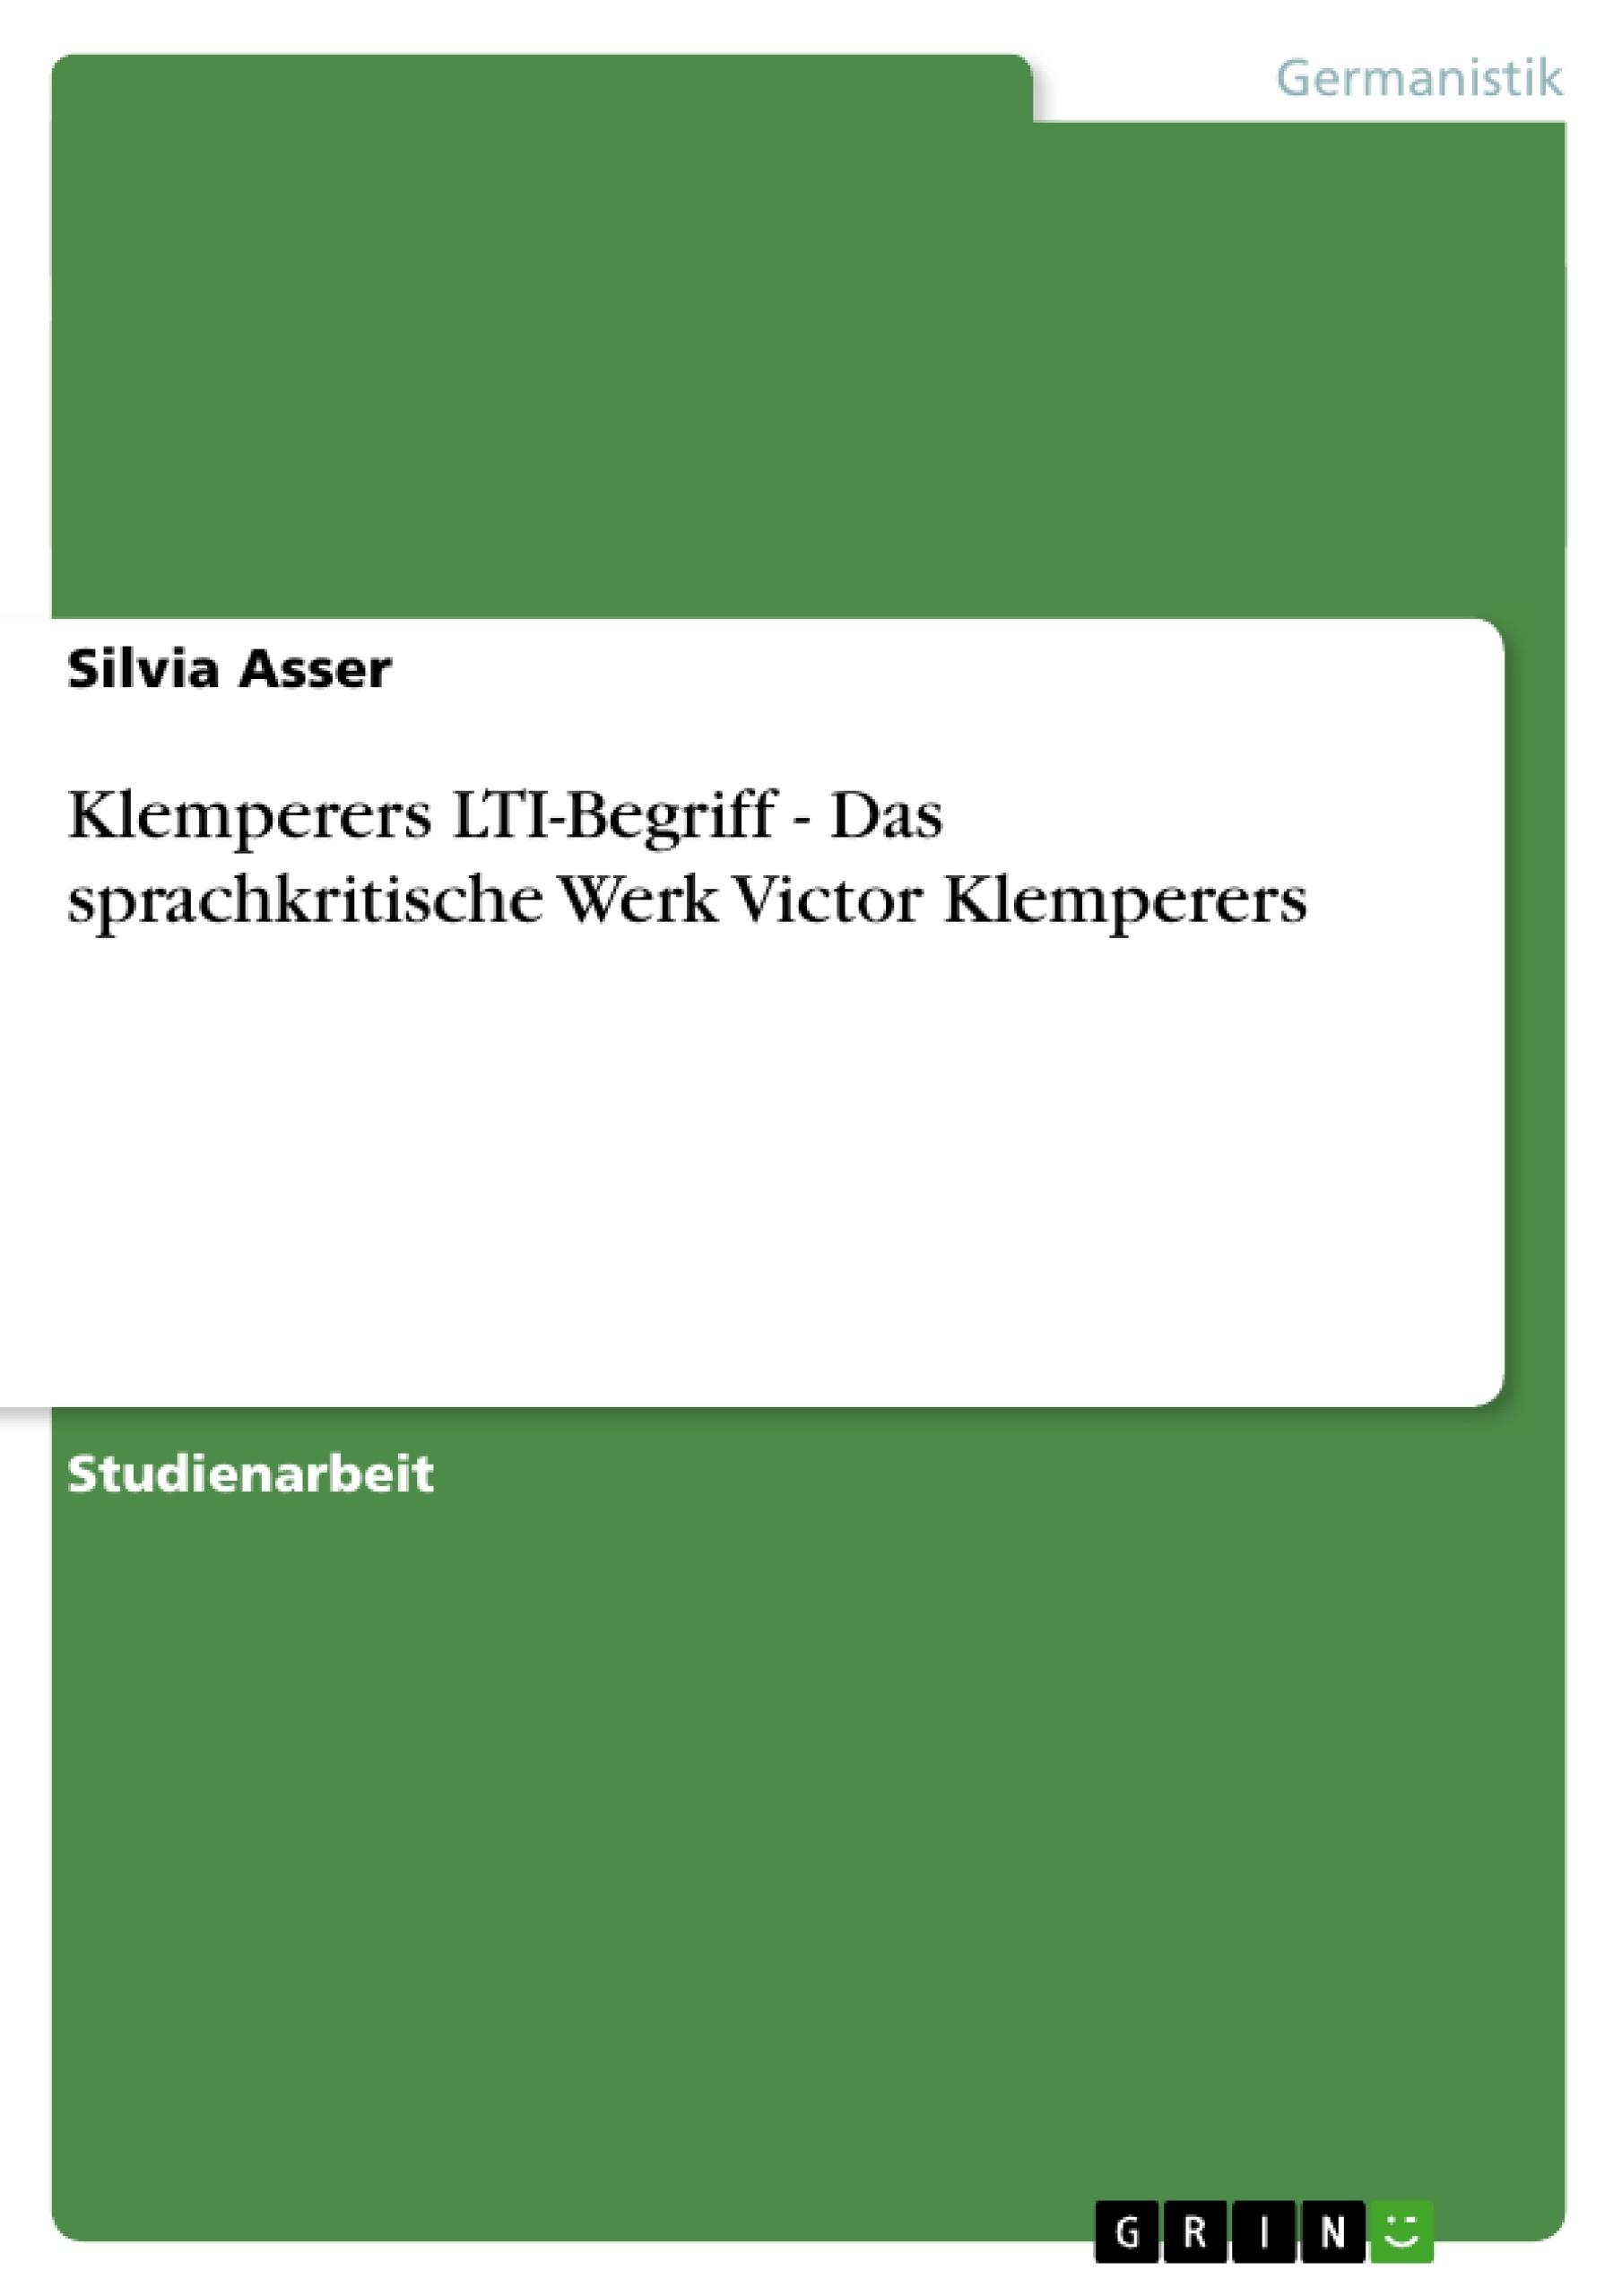 Titel: Klemperers LTI-Begriff - Das sprachkritische Werk Victor Klemperers